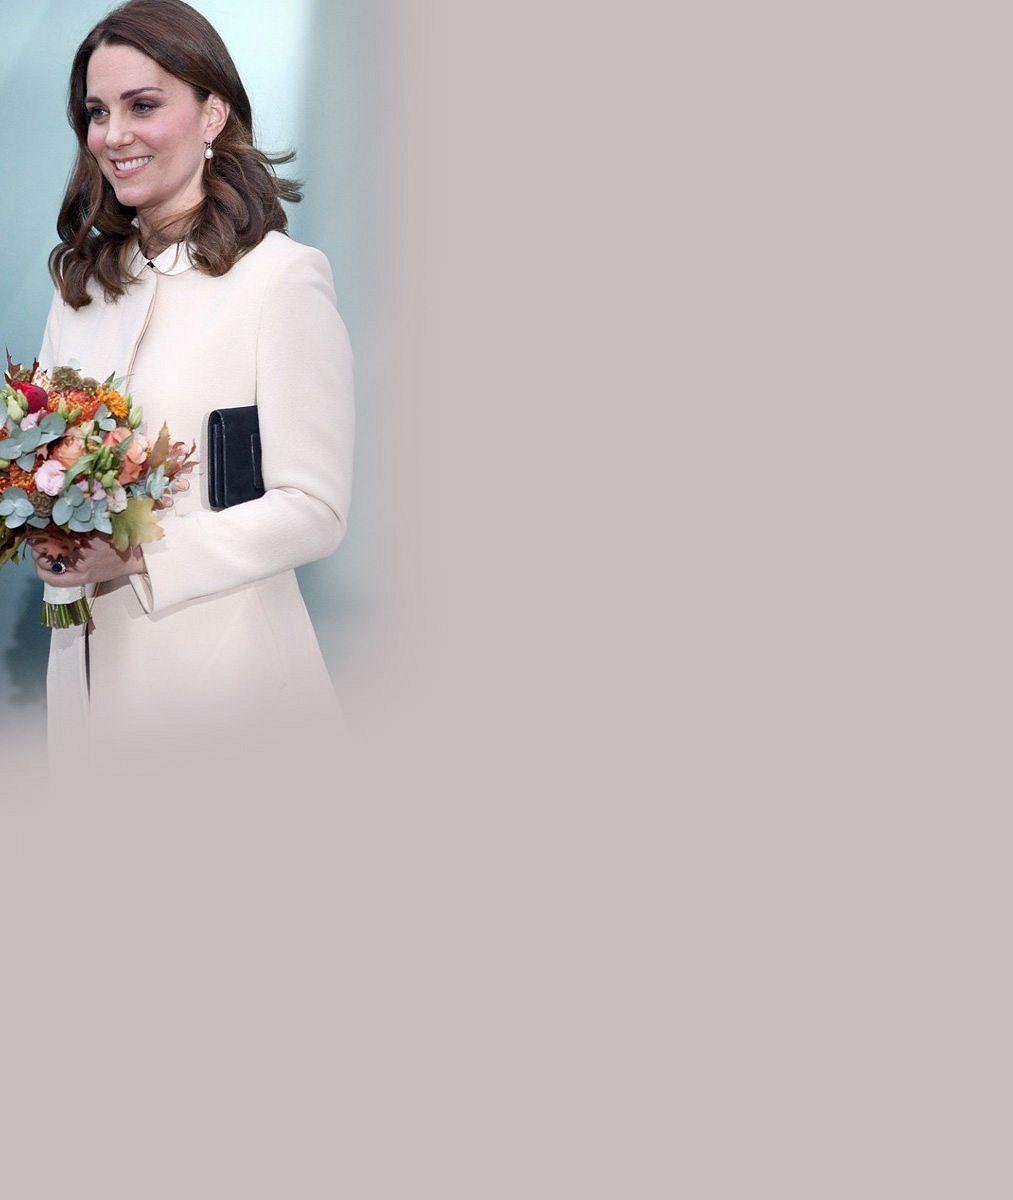 Usměvavá vévodkyně Kate před porodem podporuje jiné maminky: Její rodinka bude za pár měsíců pětičlenná